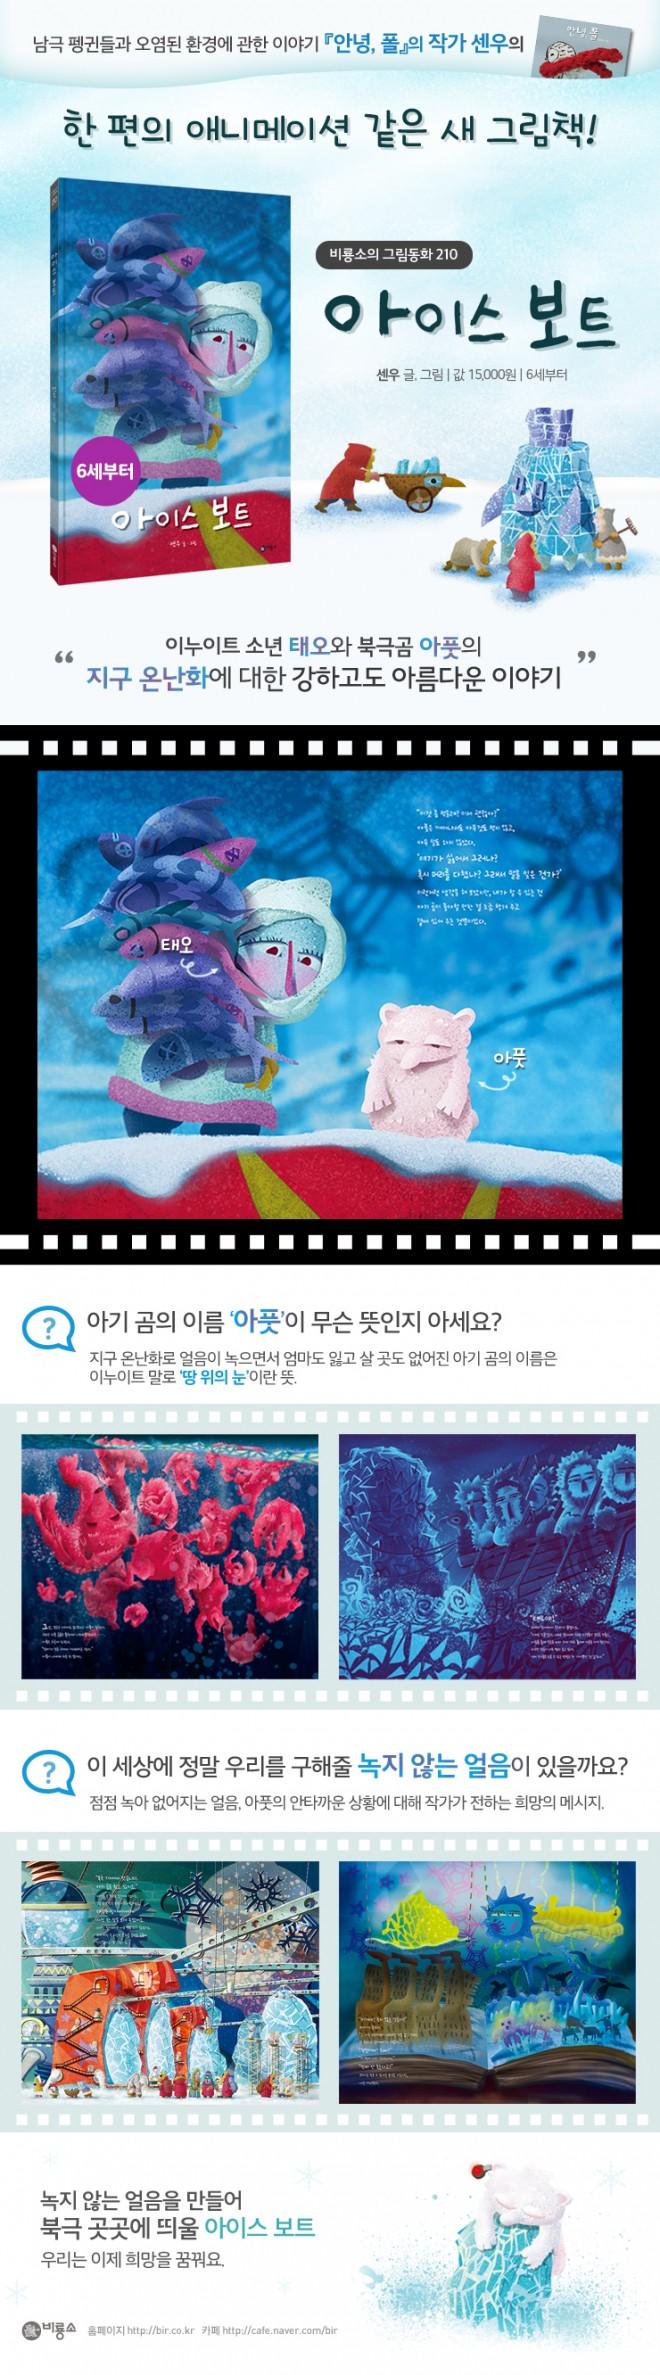 신간_아이스보트